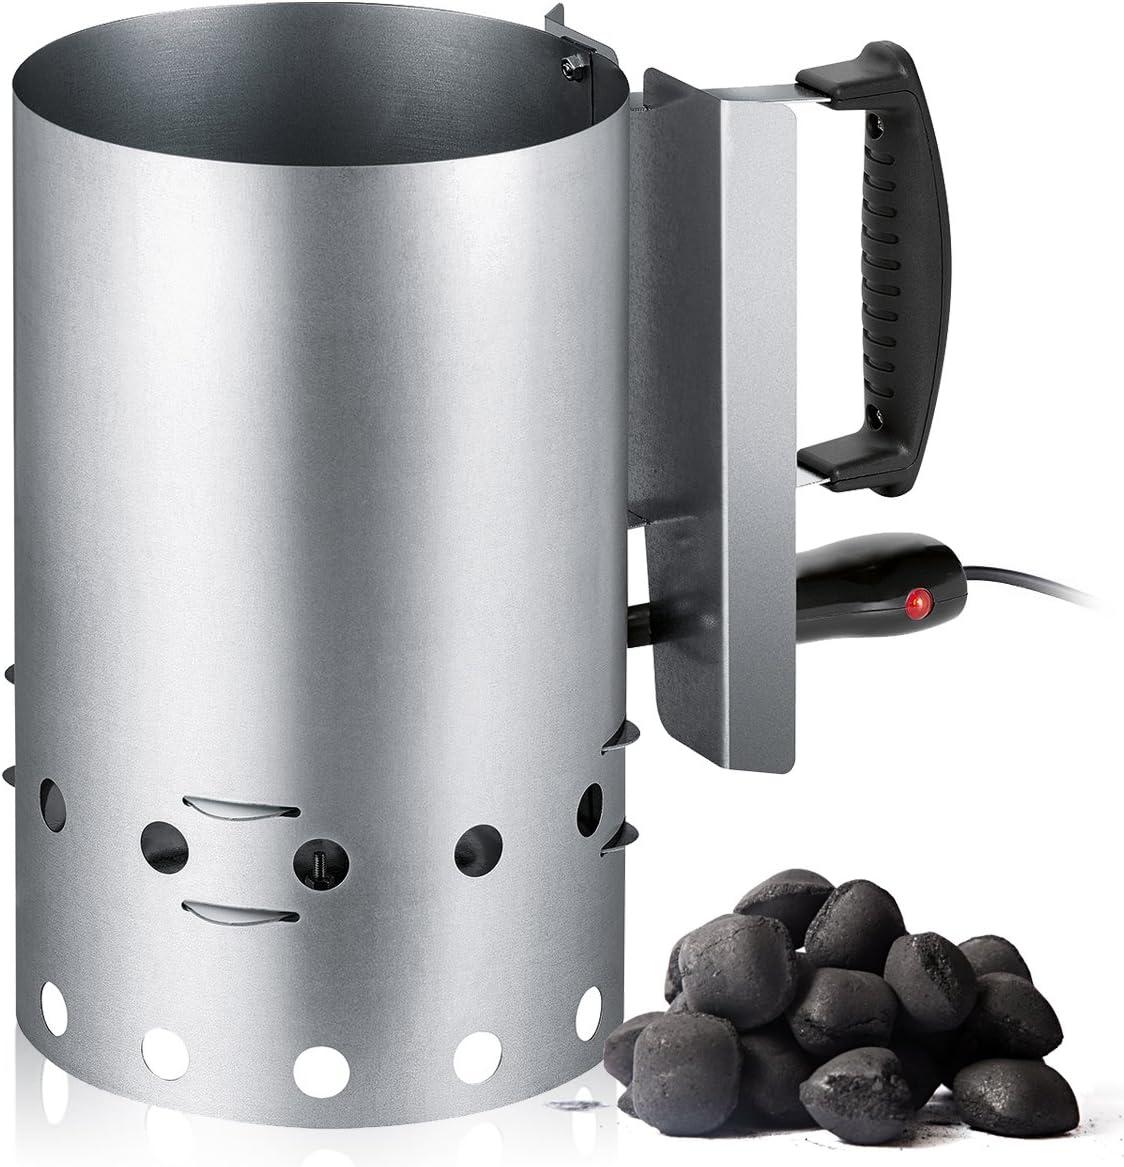 Encendedor eléctrico de Barbacoa para carbón o briquetas, Recipiente de Acero Inoxidable con Capacidad 1,5 Kg, 600W, tendrás preparada de Forma fácil y Segura Unas brasas de carbón en 10-20 Minutos